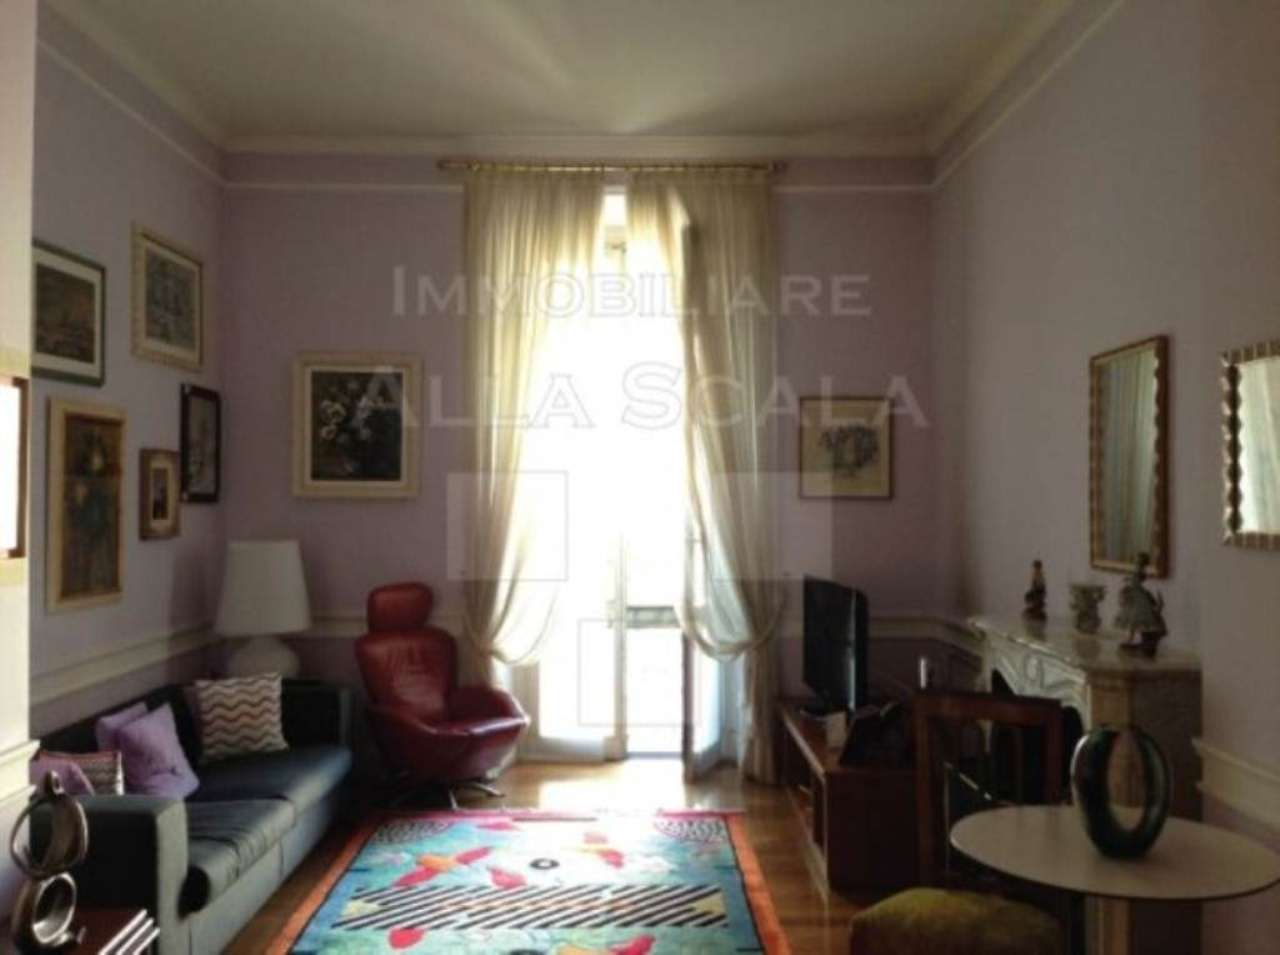 Appartamento in Vendita a Milano 01 Centro storico (Cerchia dei Navigli):  3 locali, 130 mq  - Foto 1